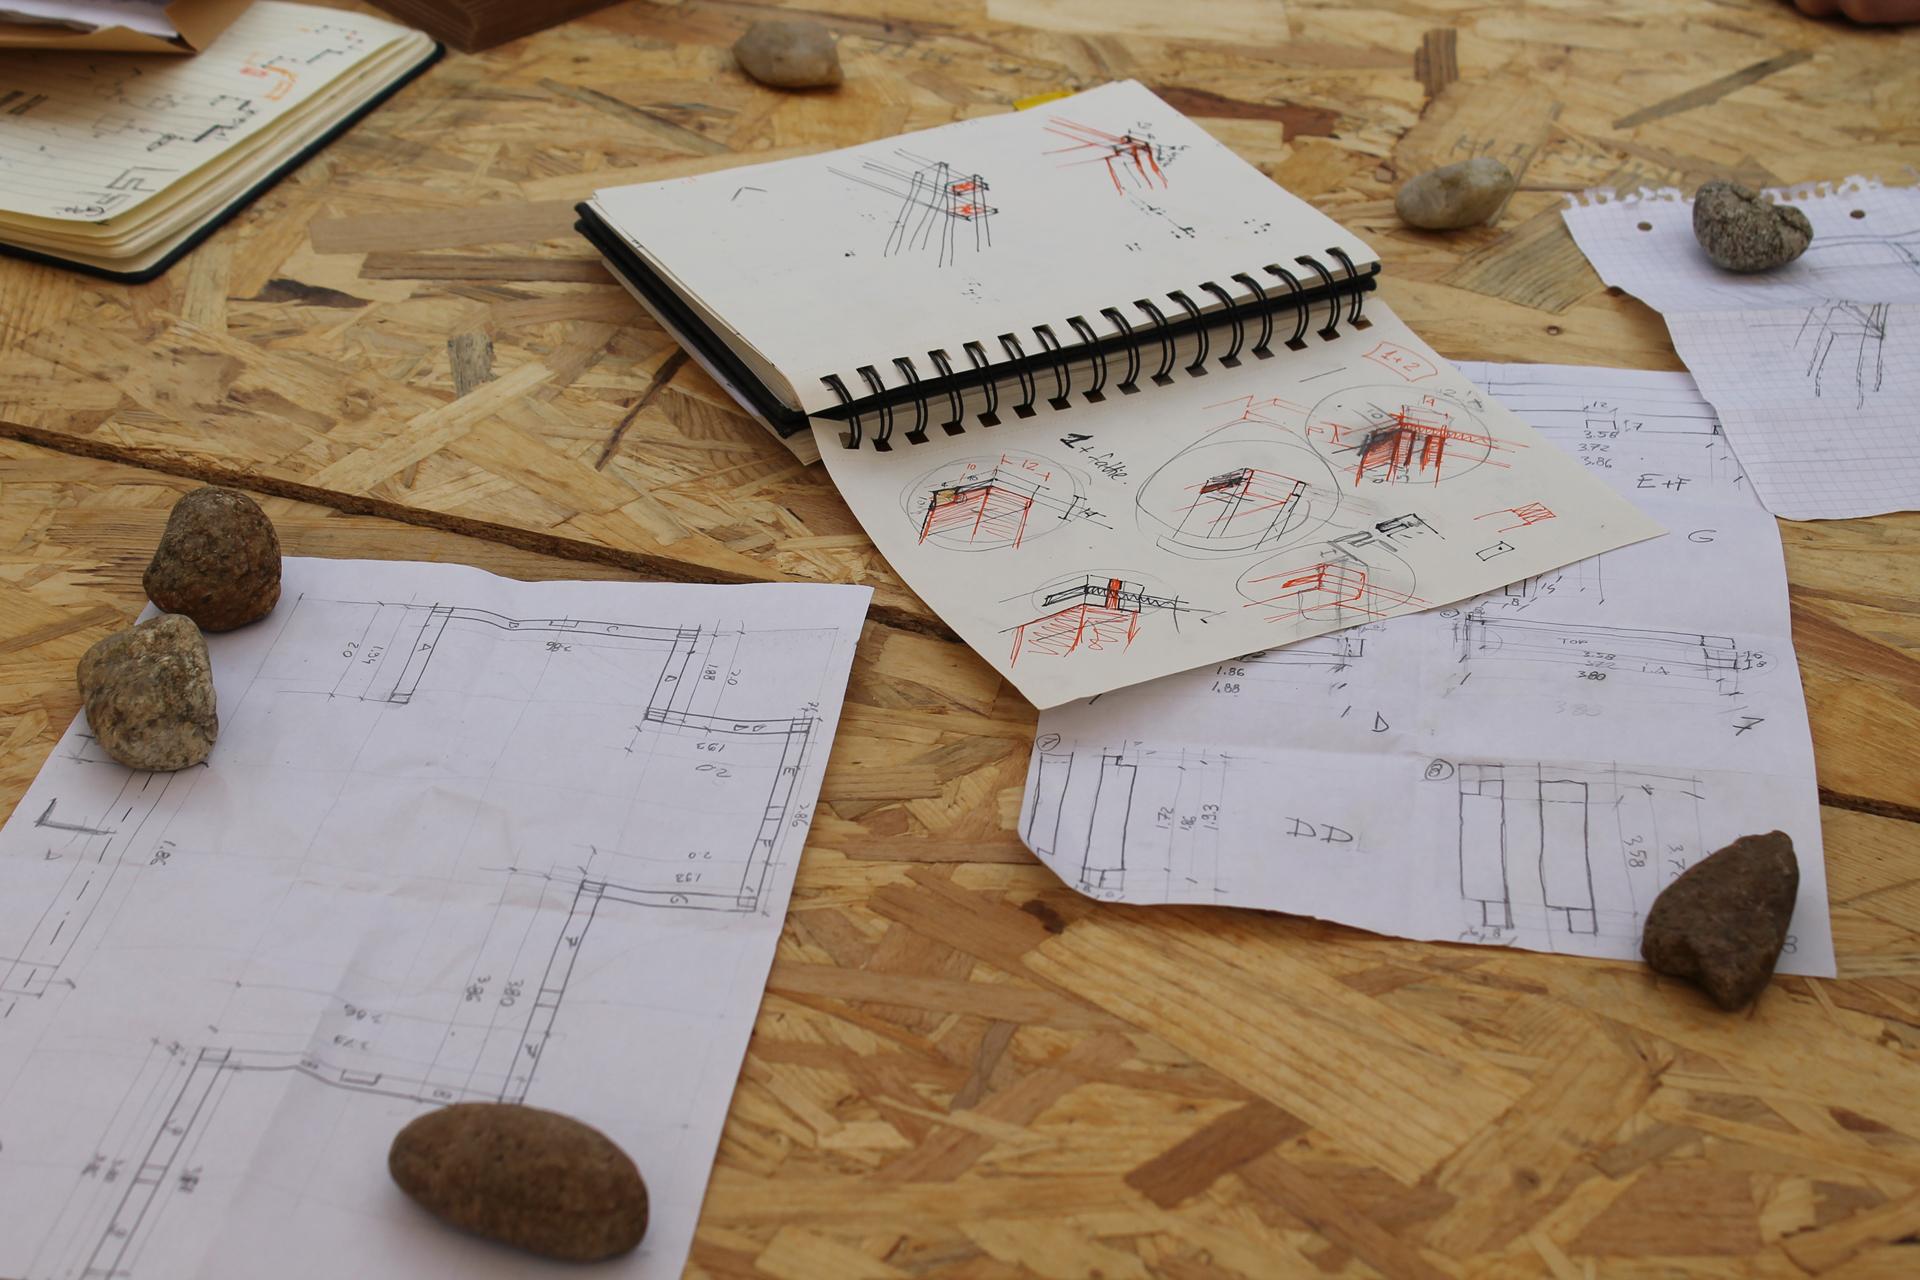 Участниците бяха основно студенти - чертахме много на ръка и разяснявахме много сглобки и детайли.